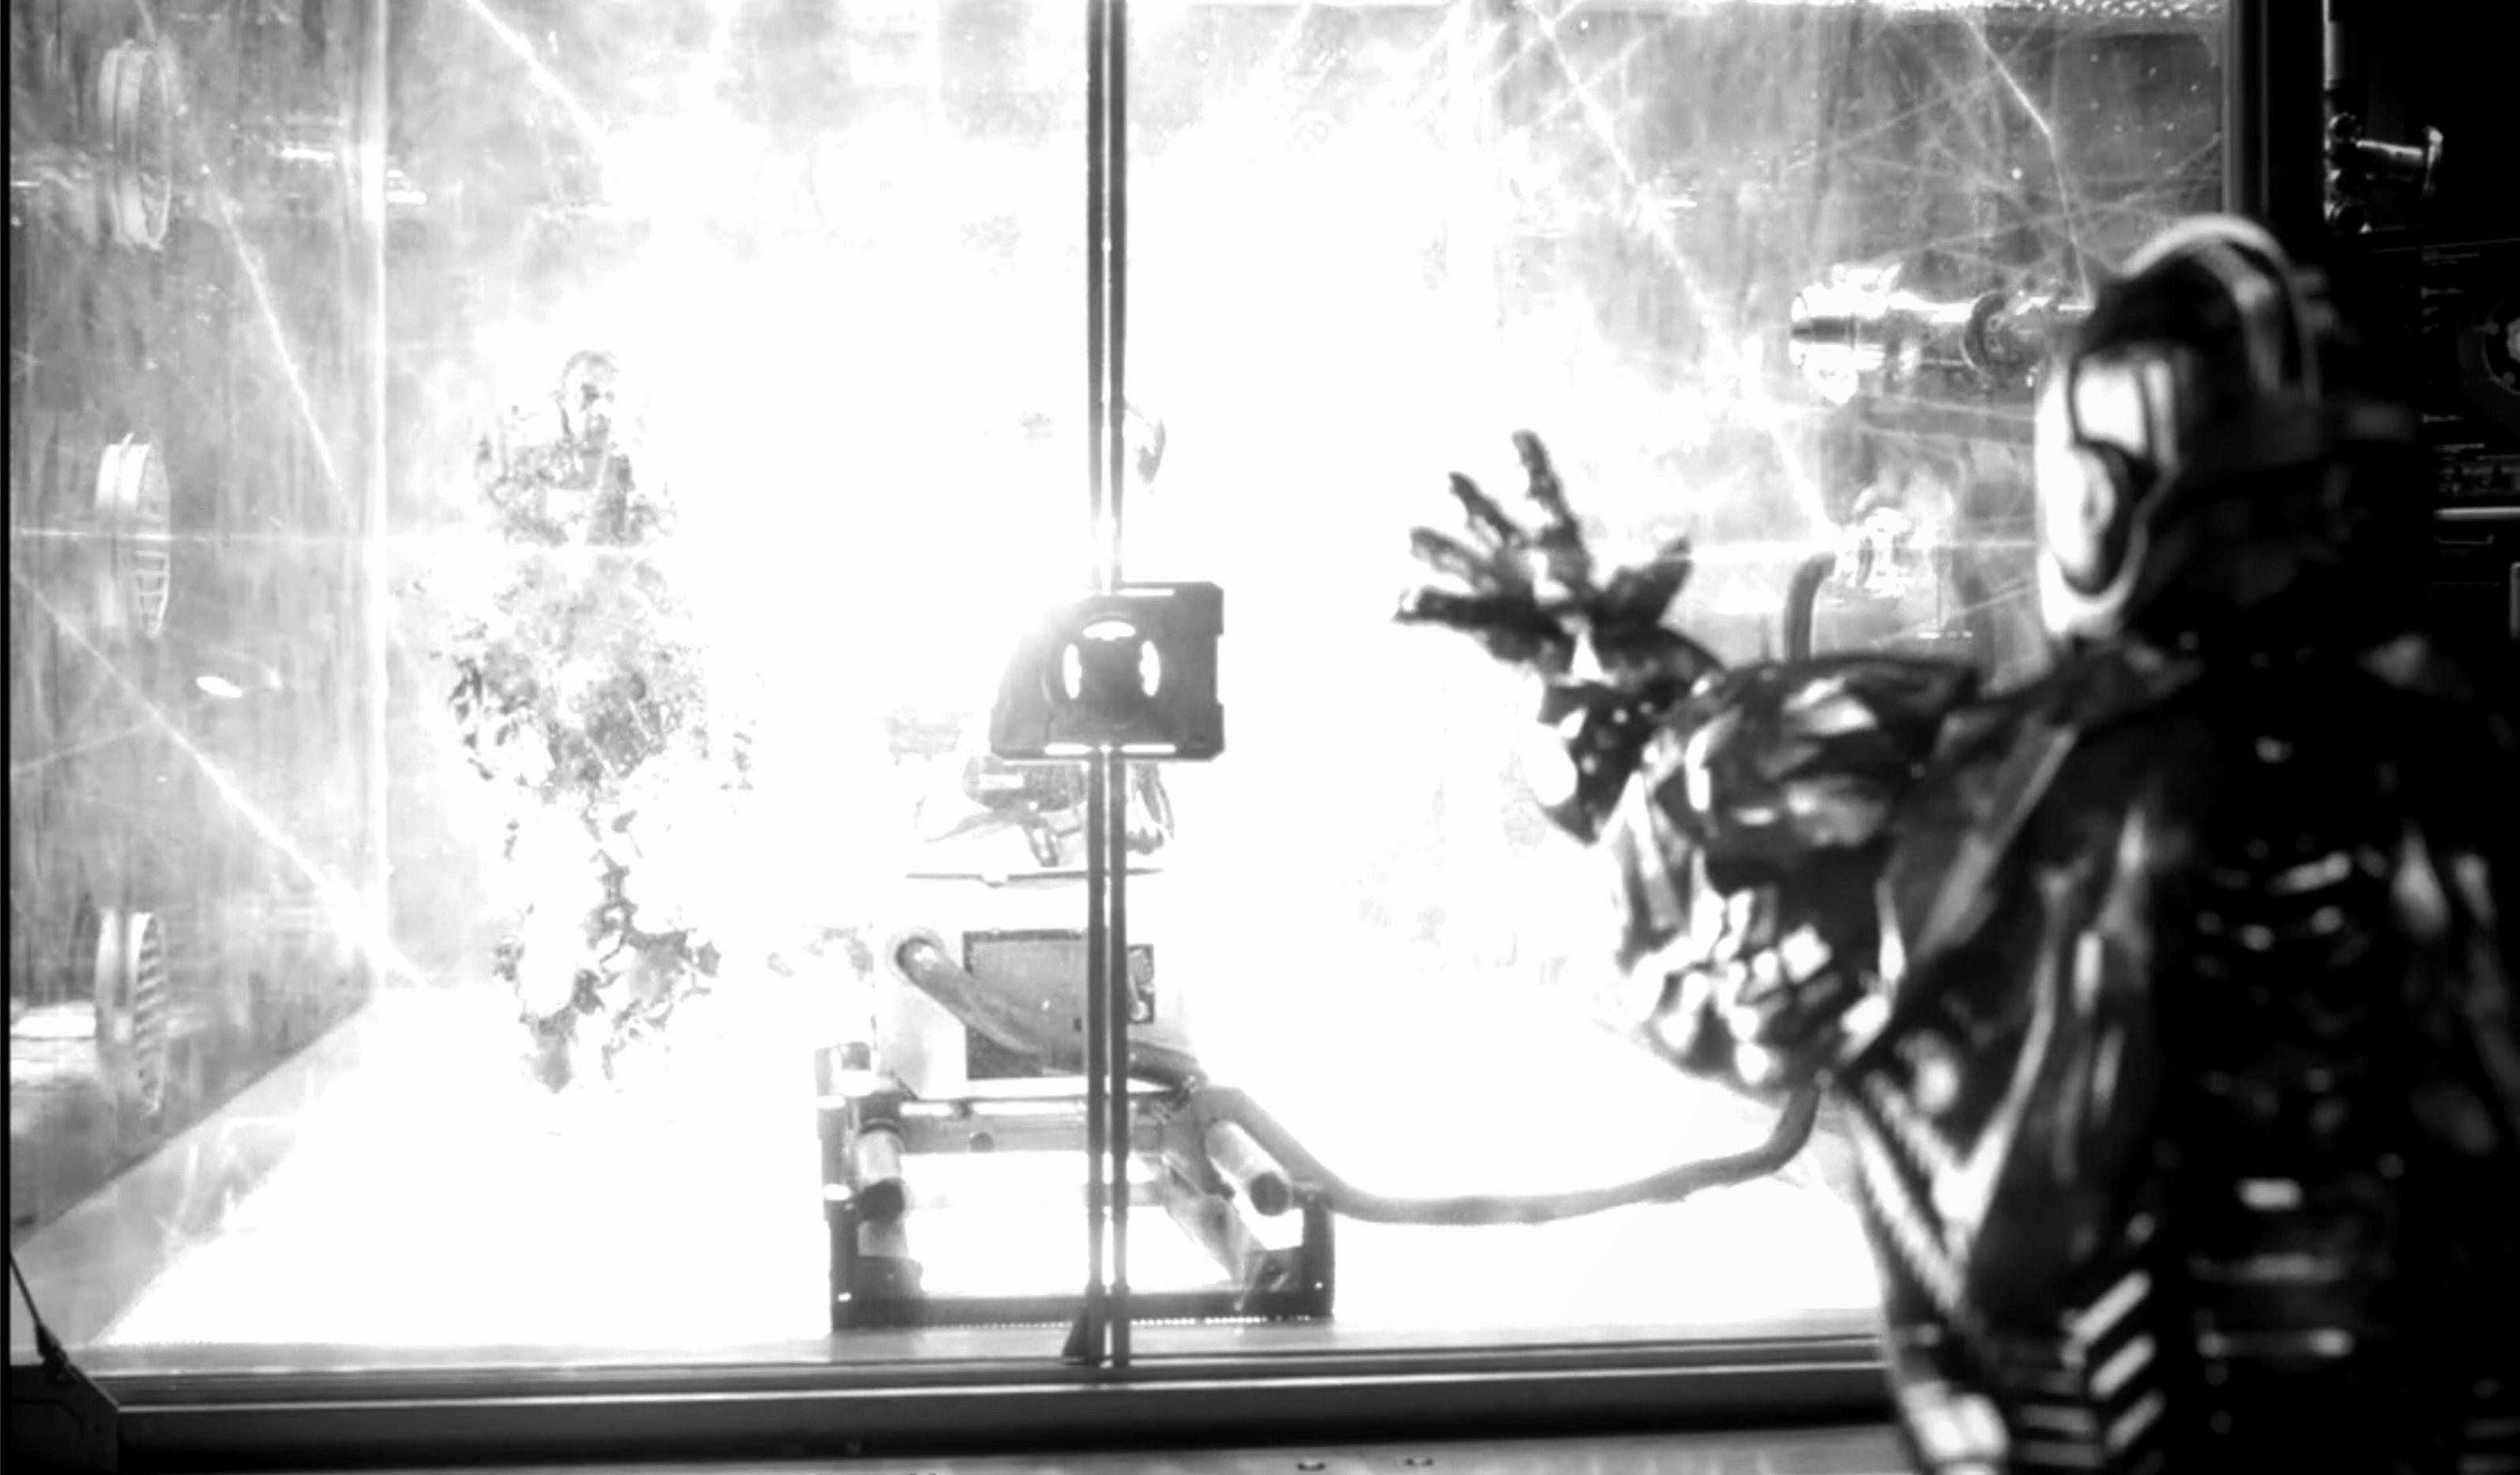 silas-death-cyborg-snyder-vero.png